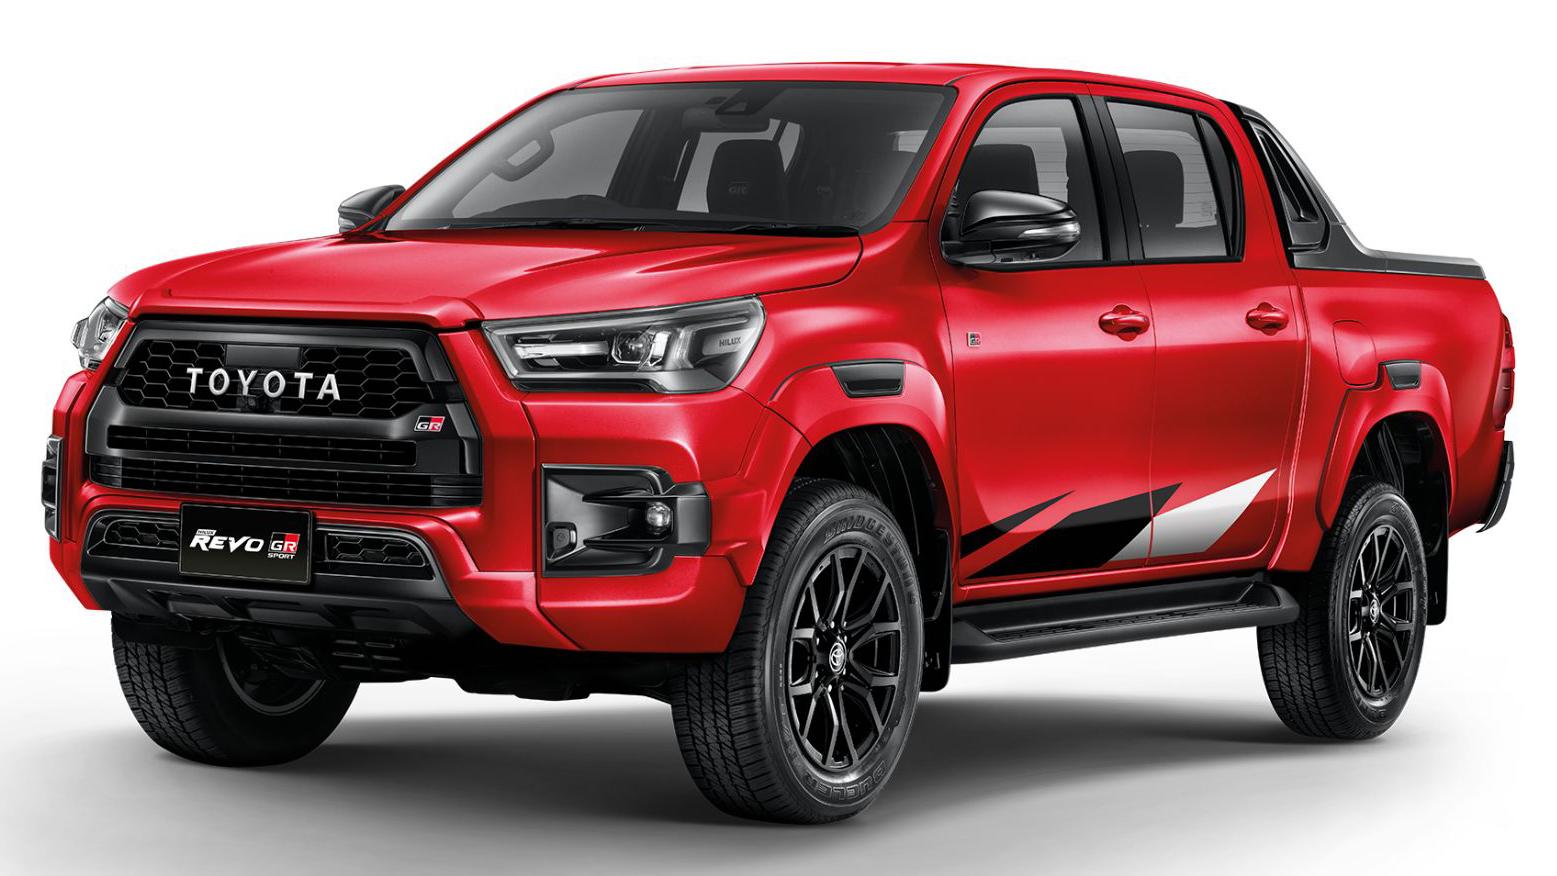 Toyota Hilux Revo GR Sport vermelha vista 3/4 de frente